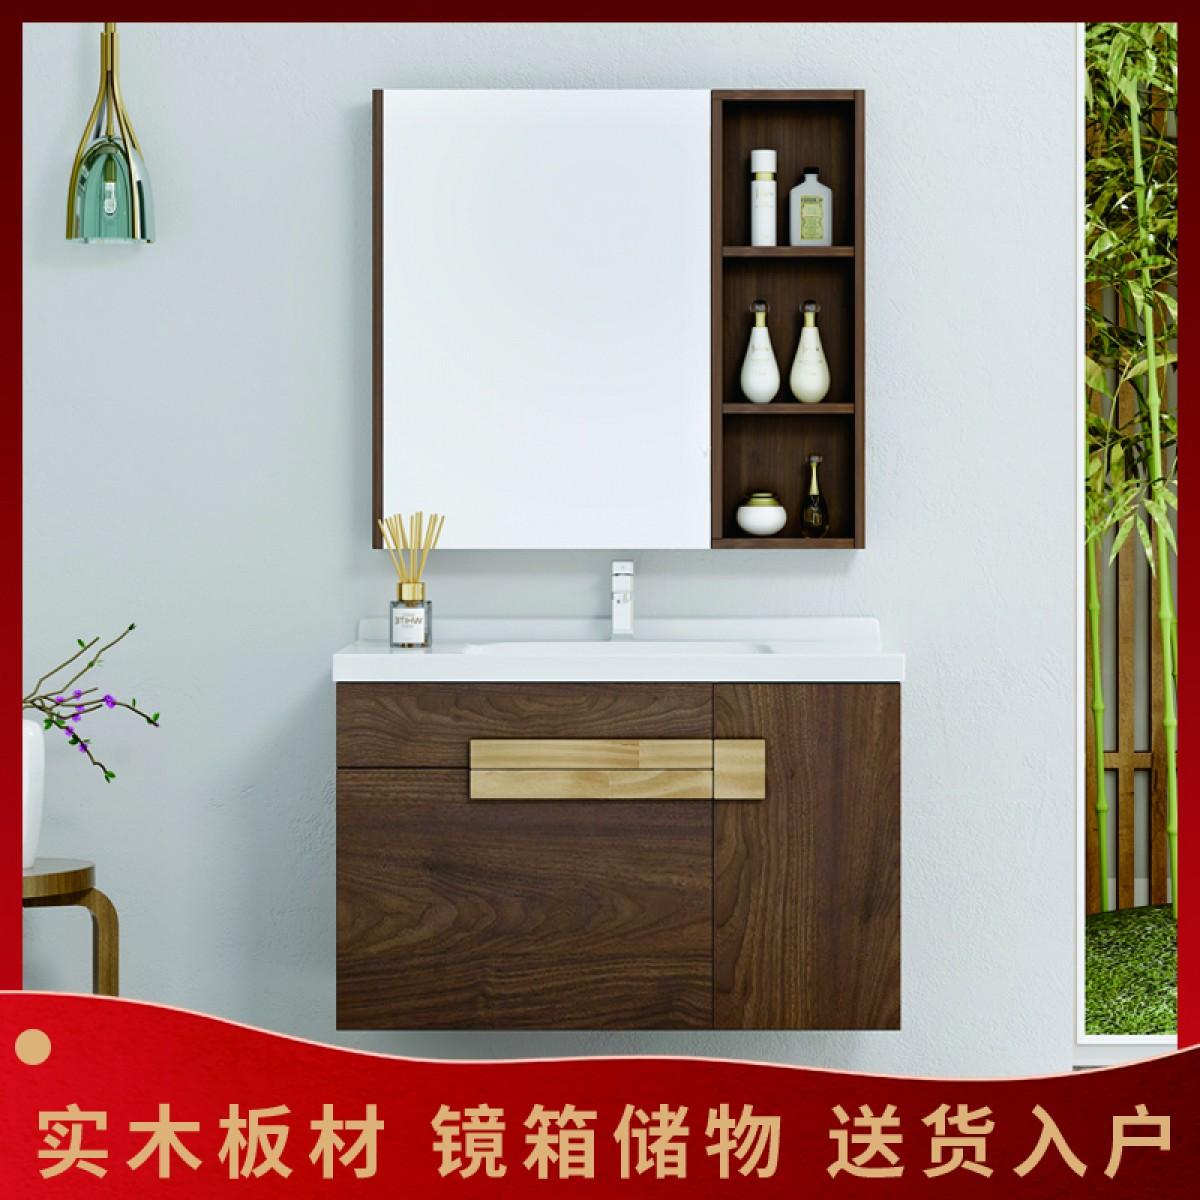 陶的卫浴 实木浴室柜80公分 TD-68003-80